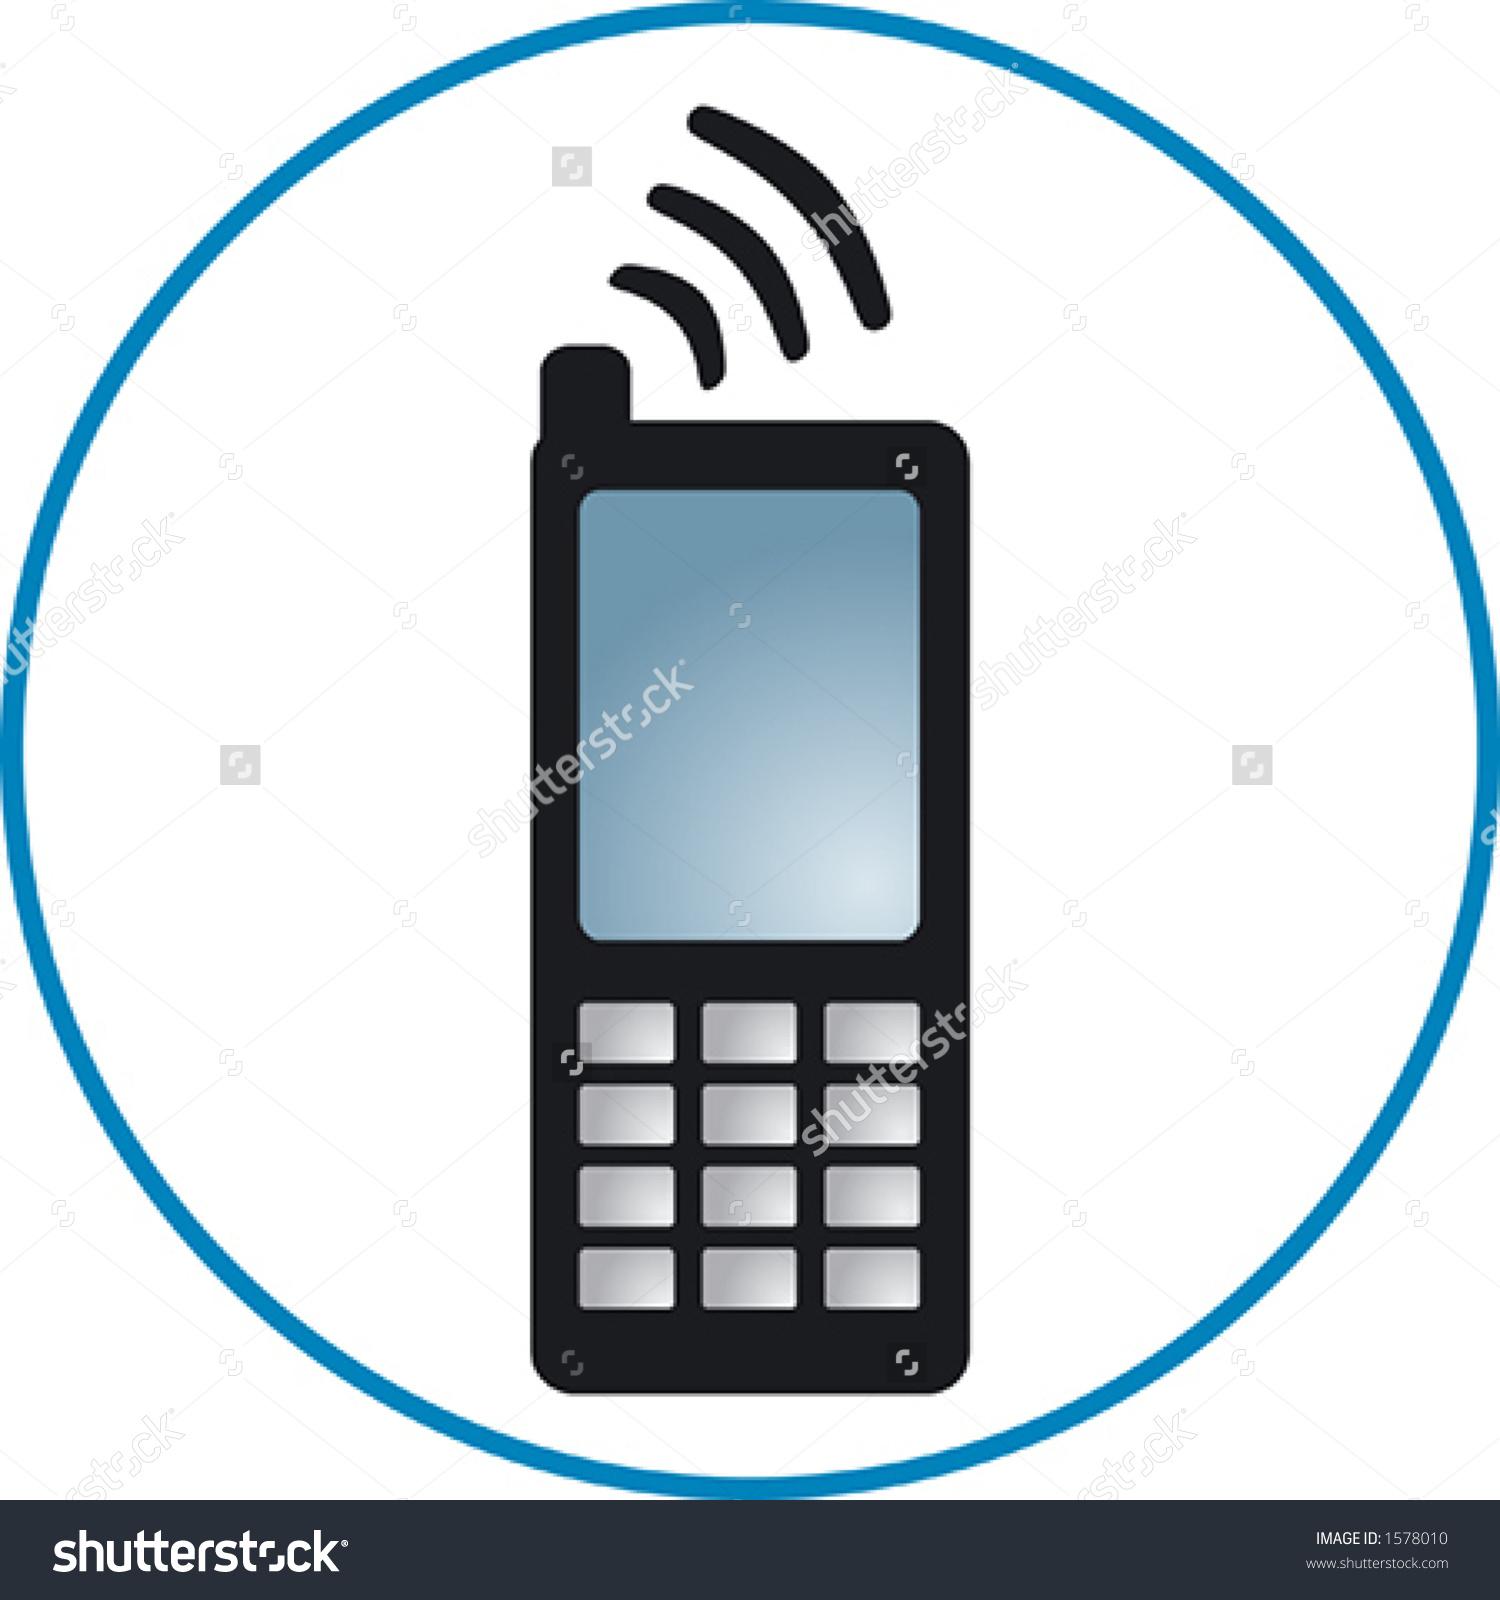 Cellphone Clipart-Cellphone Clipart-7